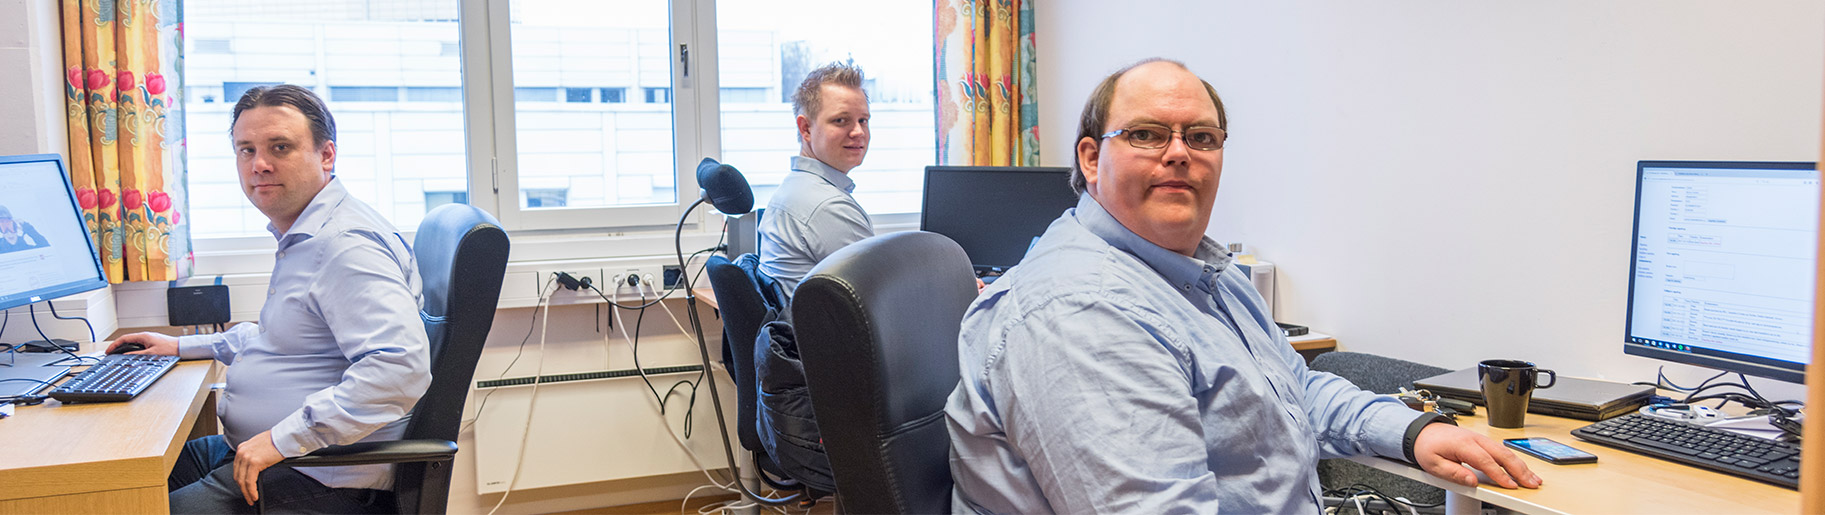 Teknikere på kontoret